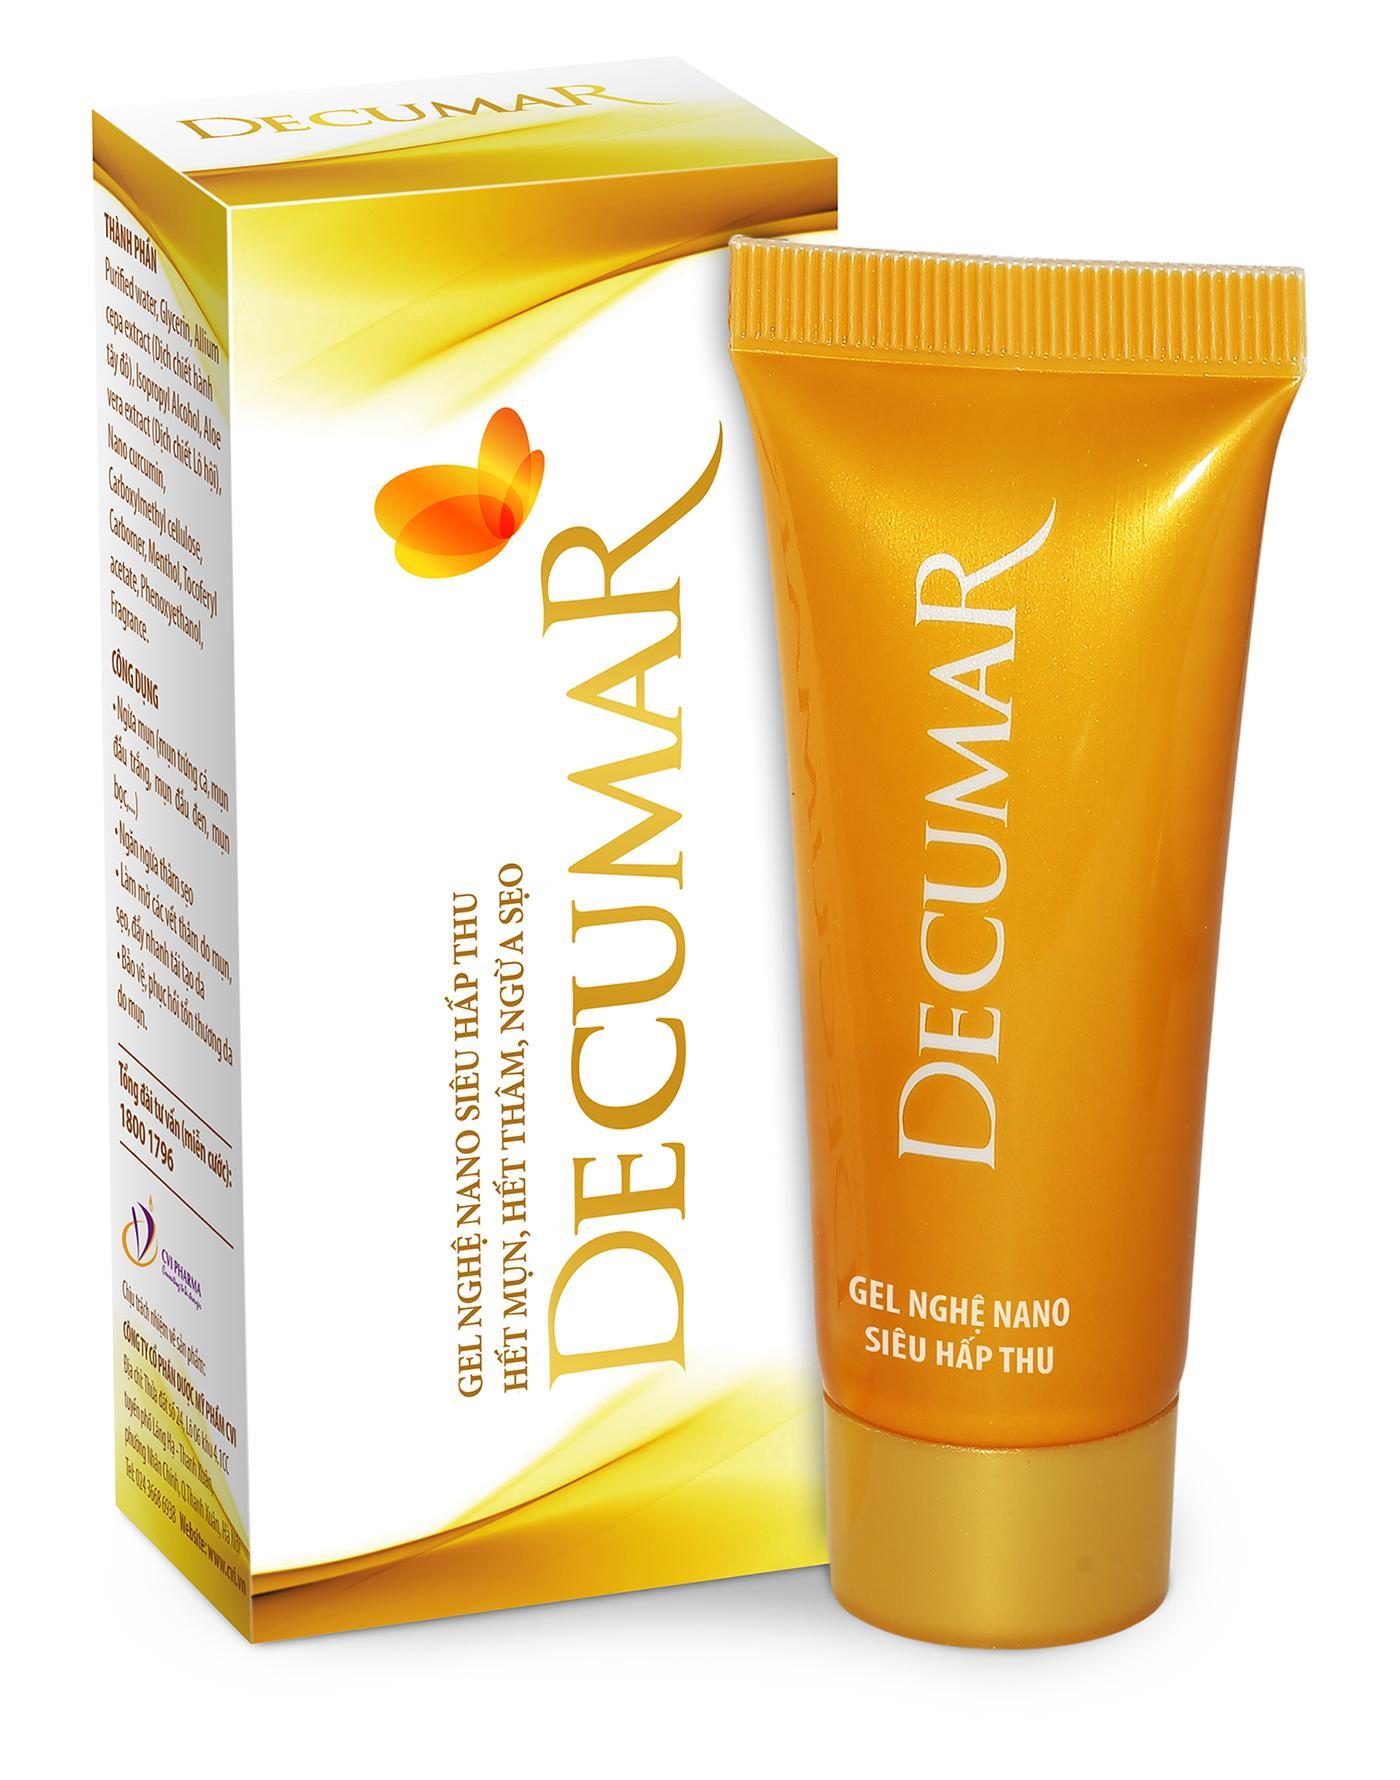 Hình ảnh Kem nghệ nano Decumar 20g trị mụn viêm, ngừa thâm sẹo